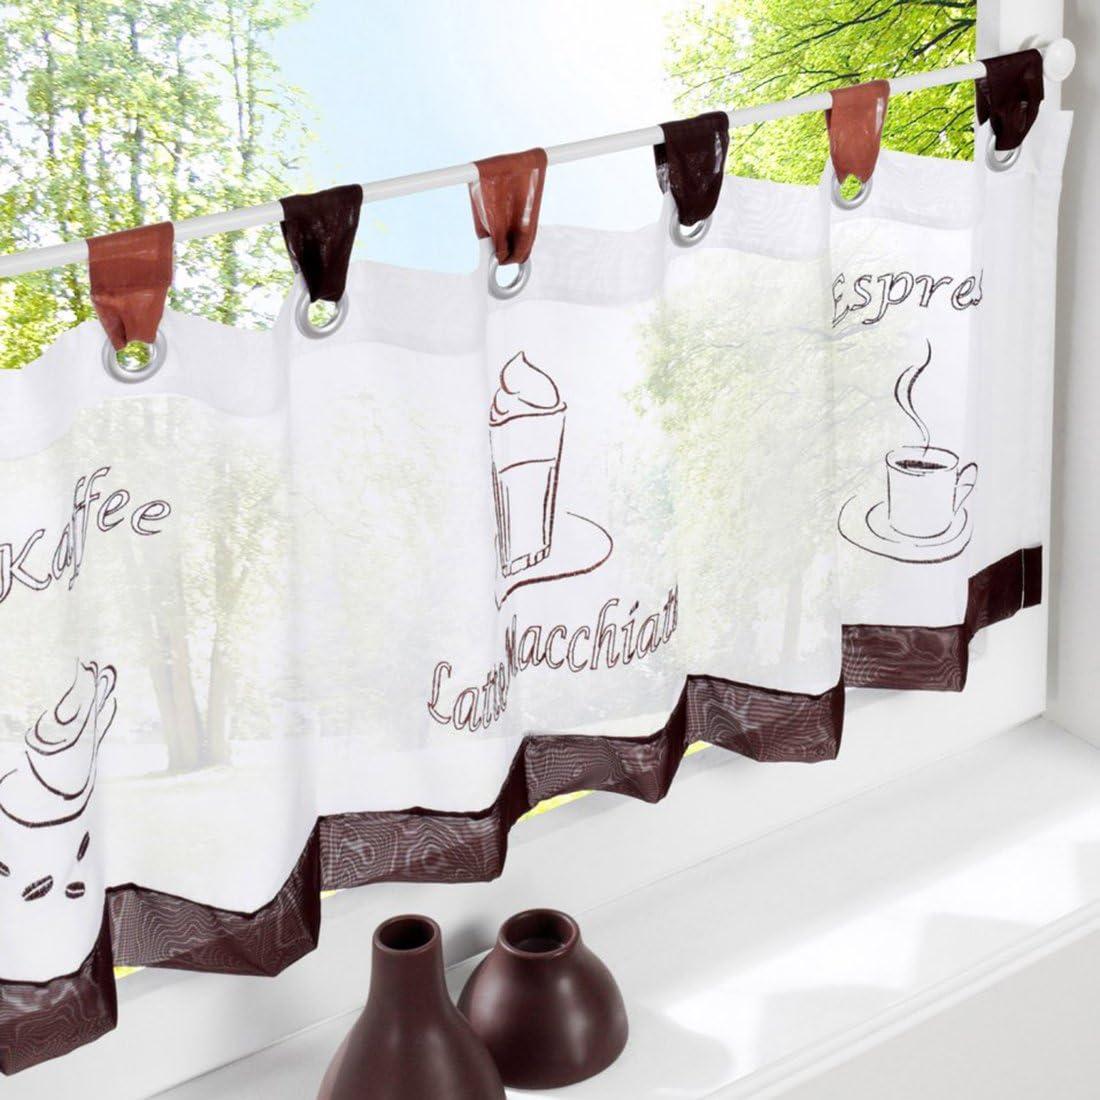 Hoomall D/écoration de Fen/être Voilage Demi Rideau Brise Bise pr Chambre Caf/é Cuisine Polyester Motif Caf/é Couleur Chocolat 60cmx120cm 1 Pc